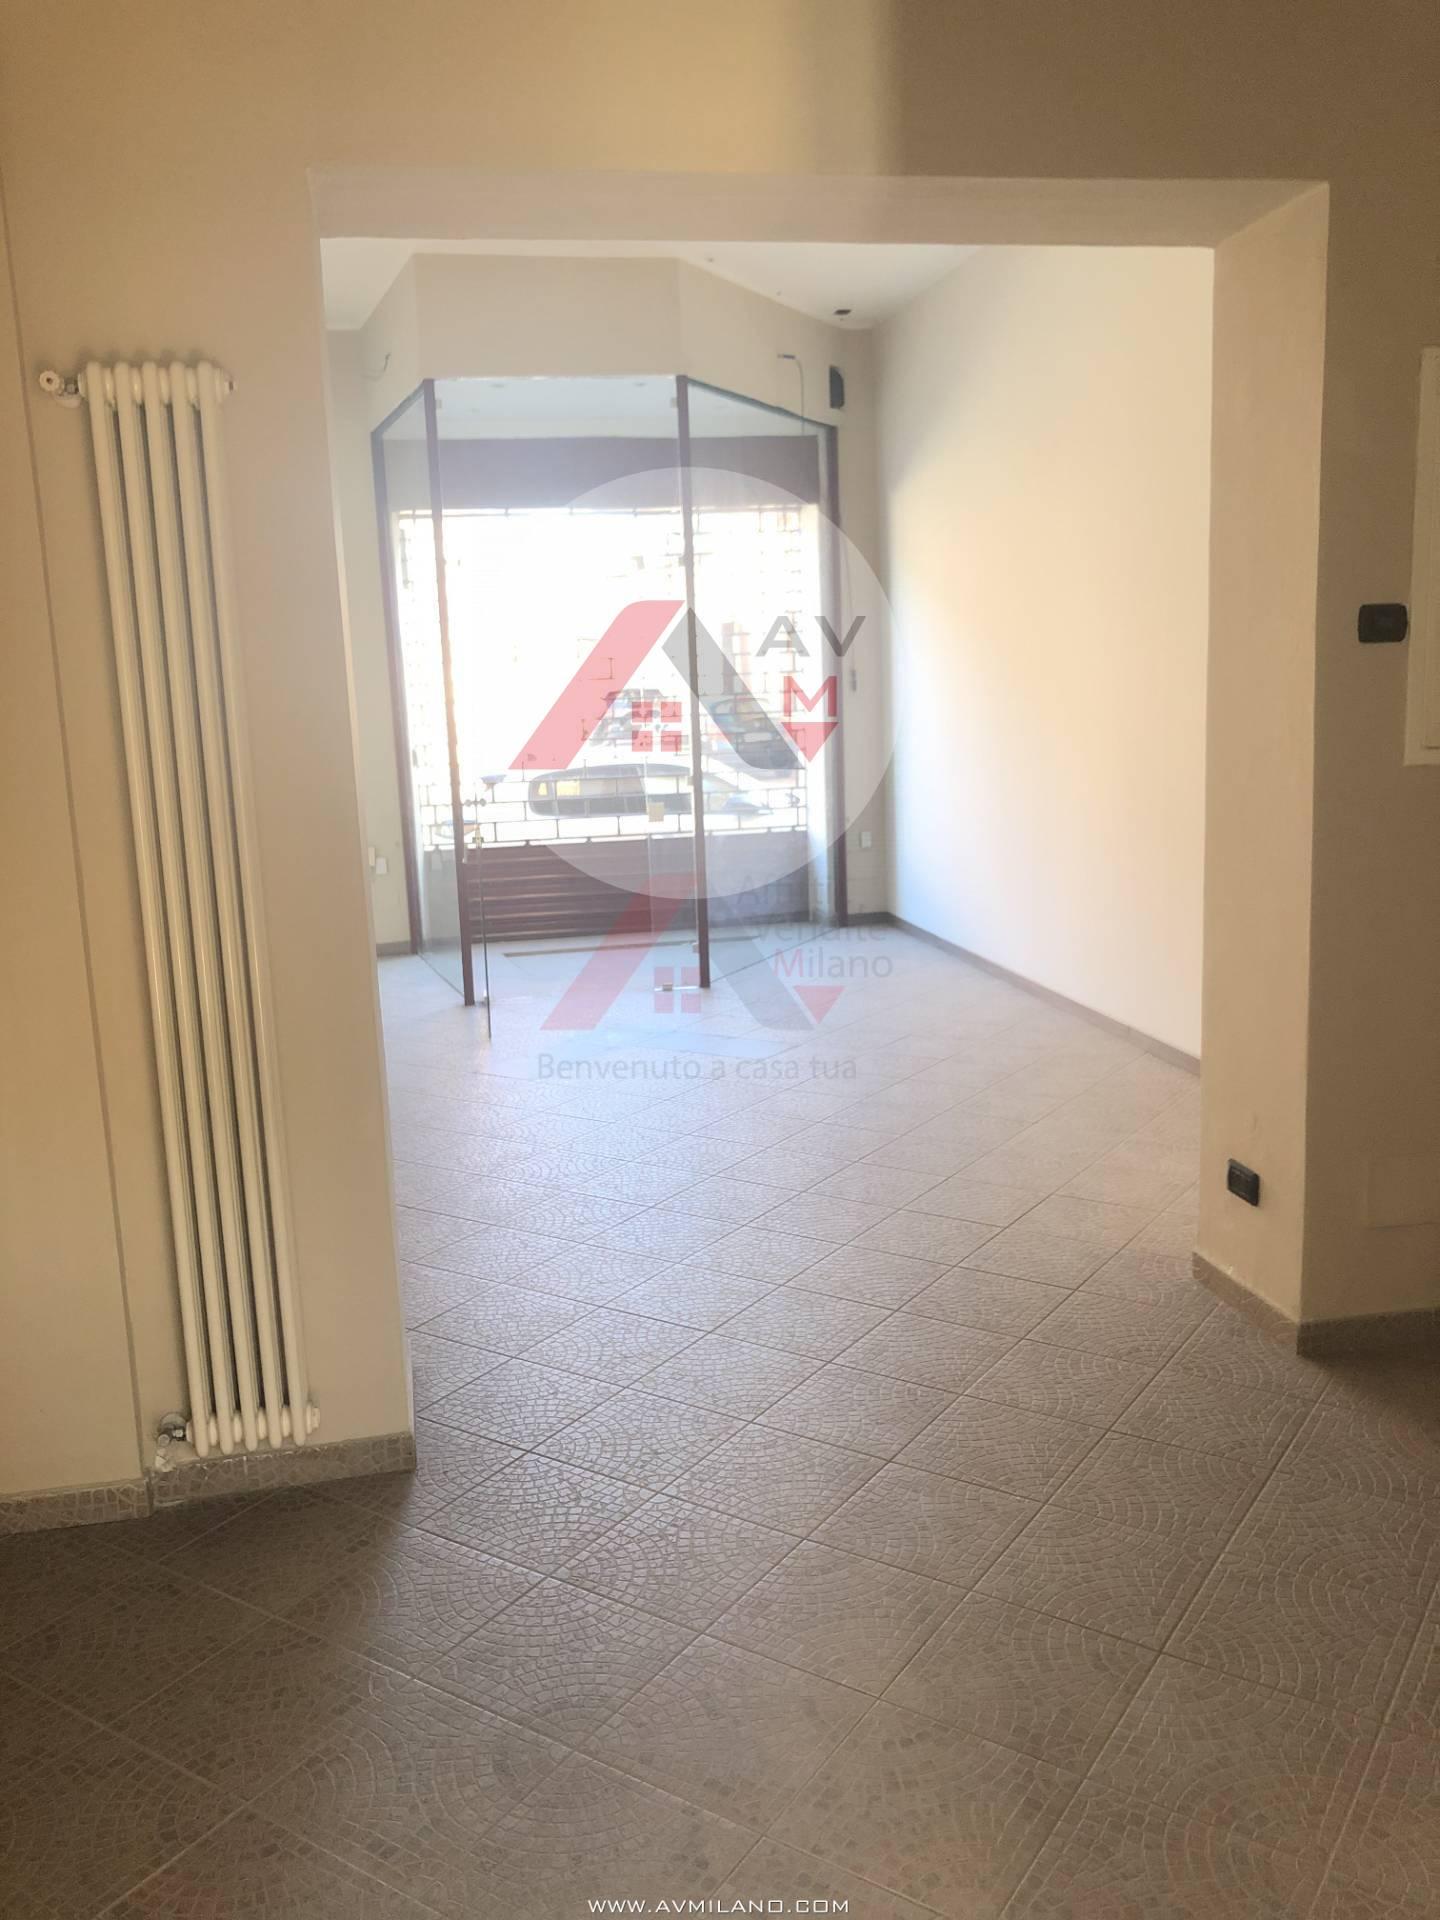 Negozio / Locale in vendita a Rosate, 9999 locali, prezzo € 70.000 | PortaleAgenzieImmobiliari.it